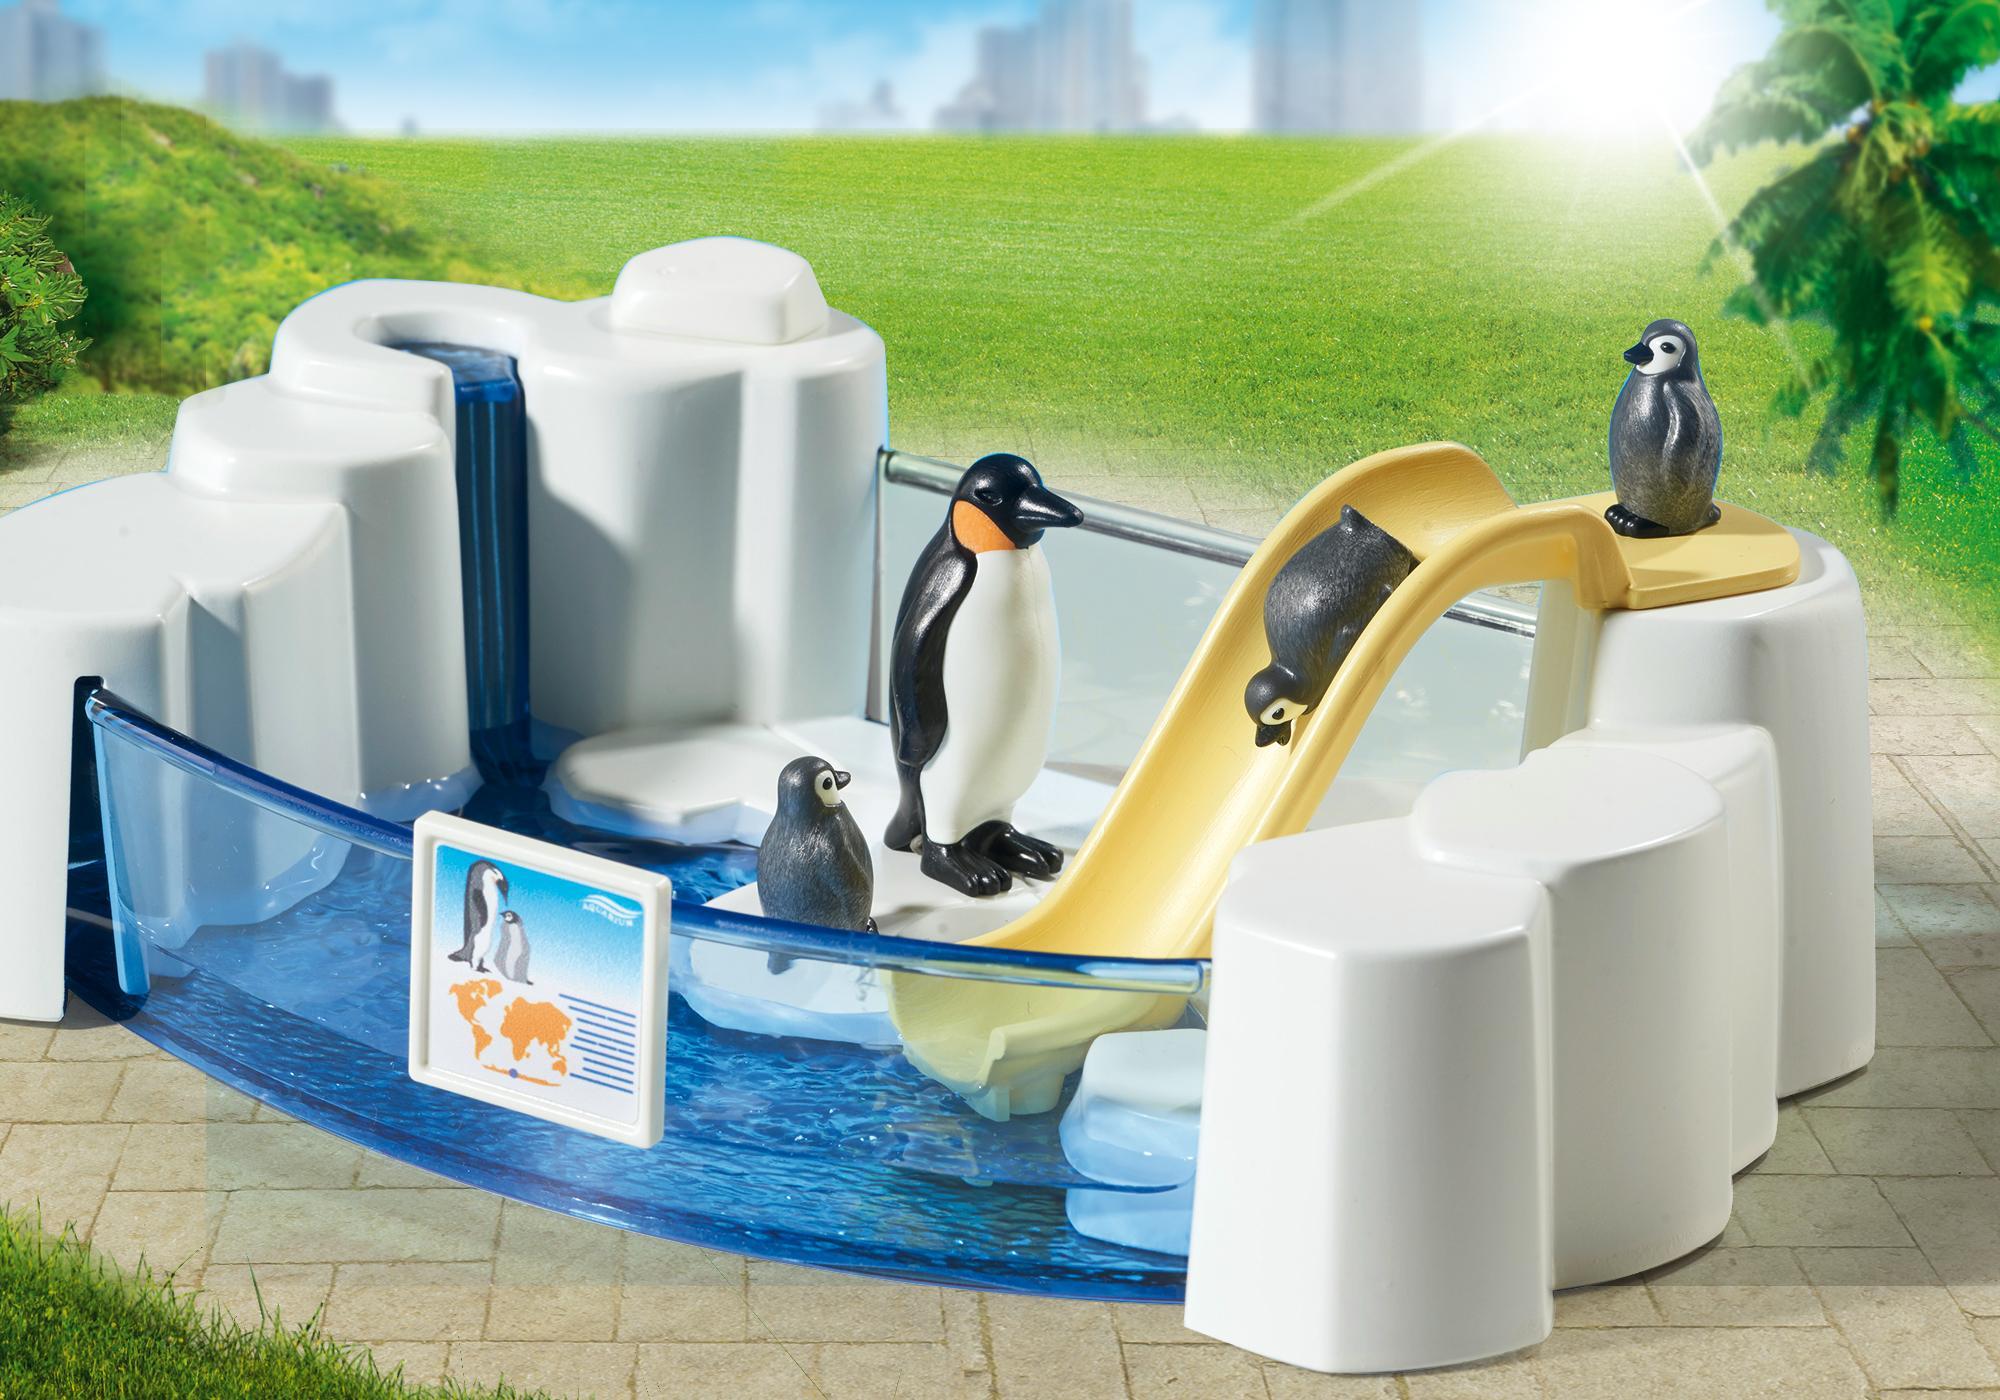 http://media.playmobil.com/i/playmobil/9062_product_extra1/Pinguinbecken